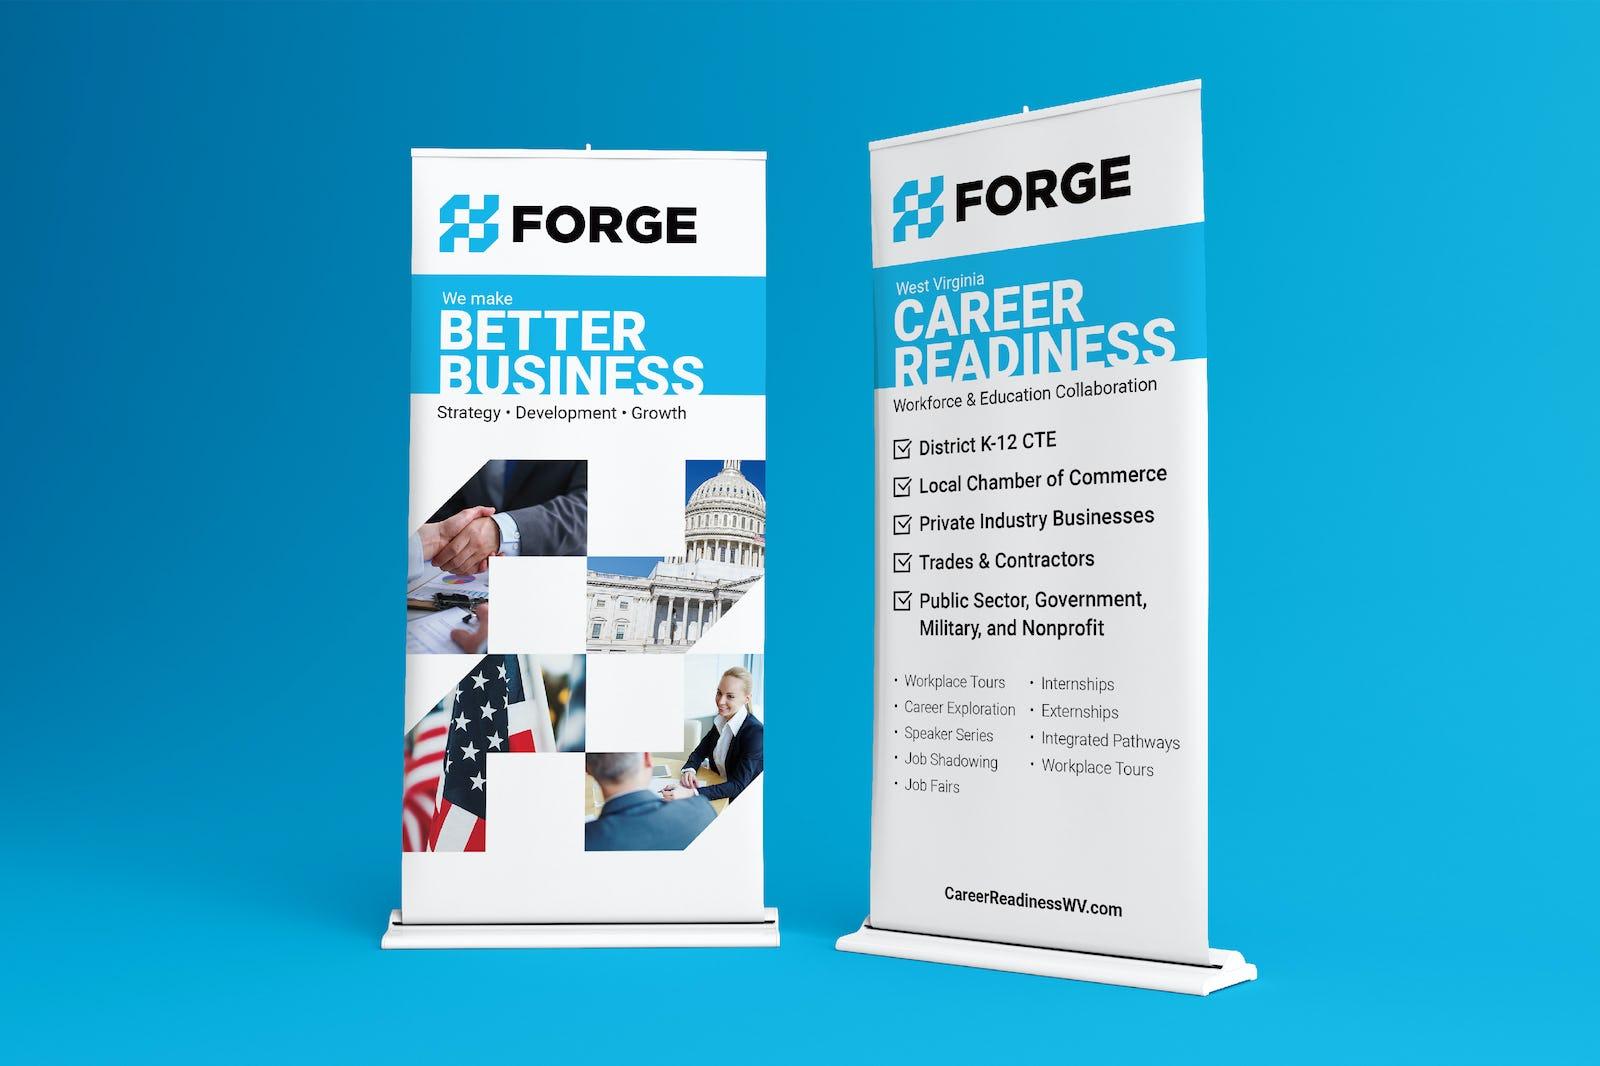 Forge banner design